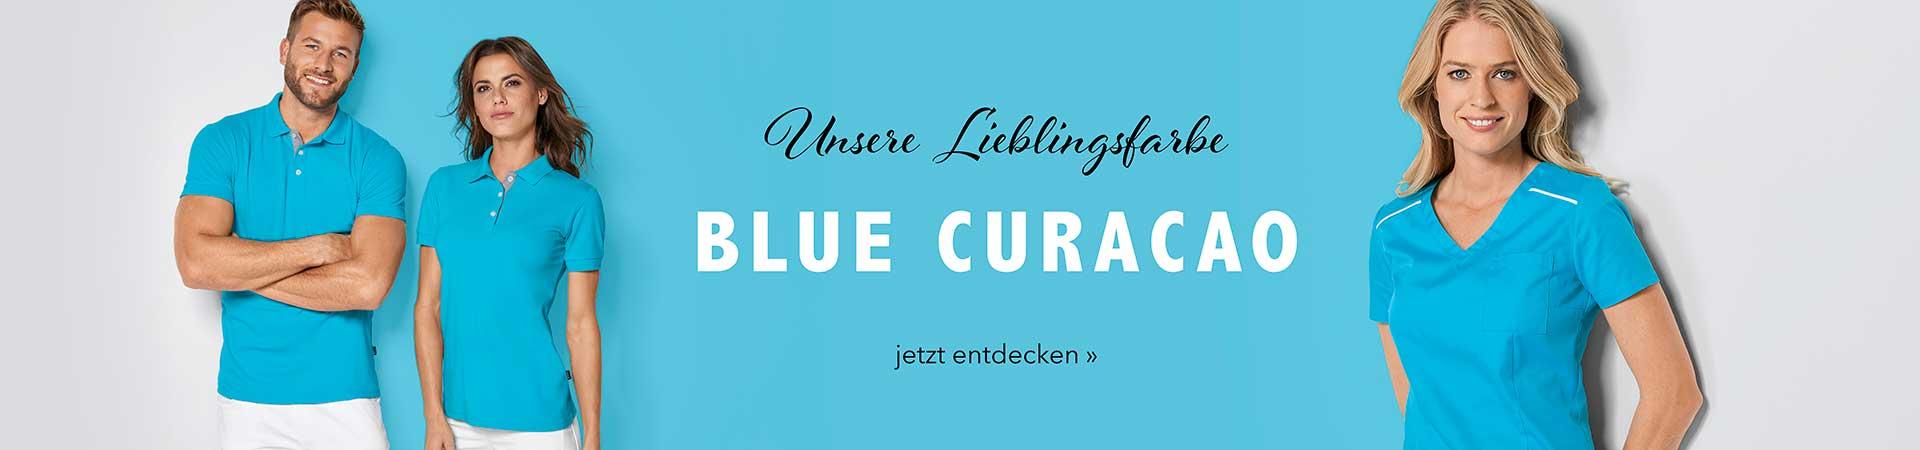 Unsere Lieblingsfarbe - Blue Curaçao